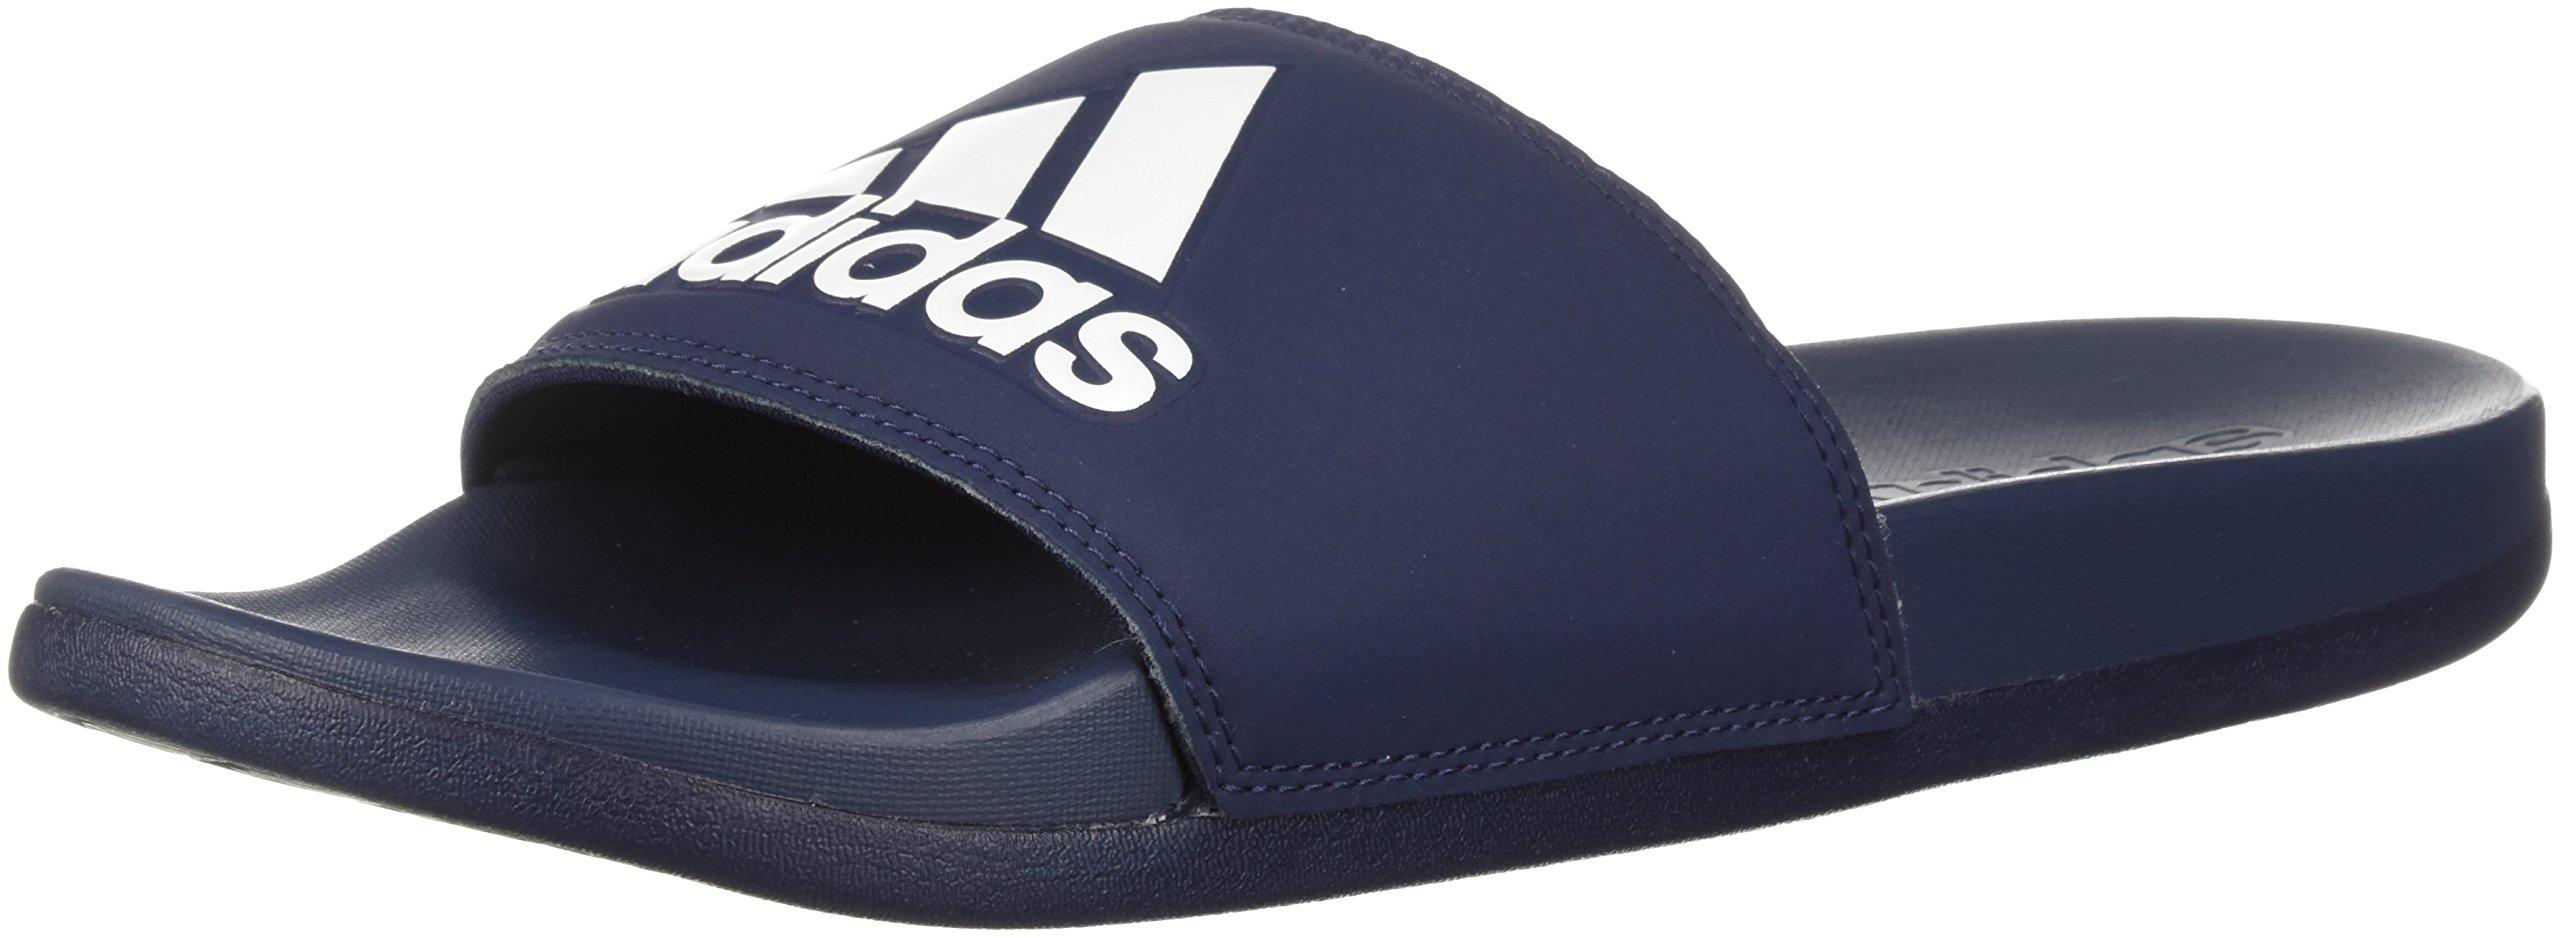 adidas Men's Adilette CF+ Logo Slide Sandal, Collegiate Navy/Collegiate Navy/White, 18 M US by adidas